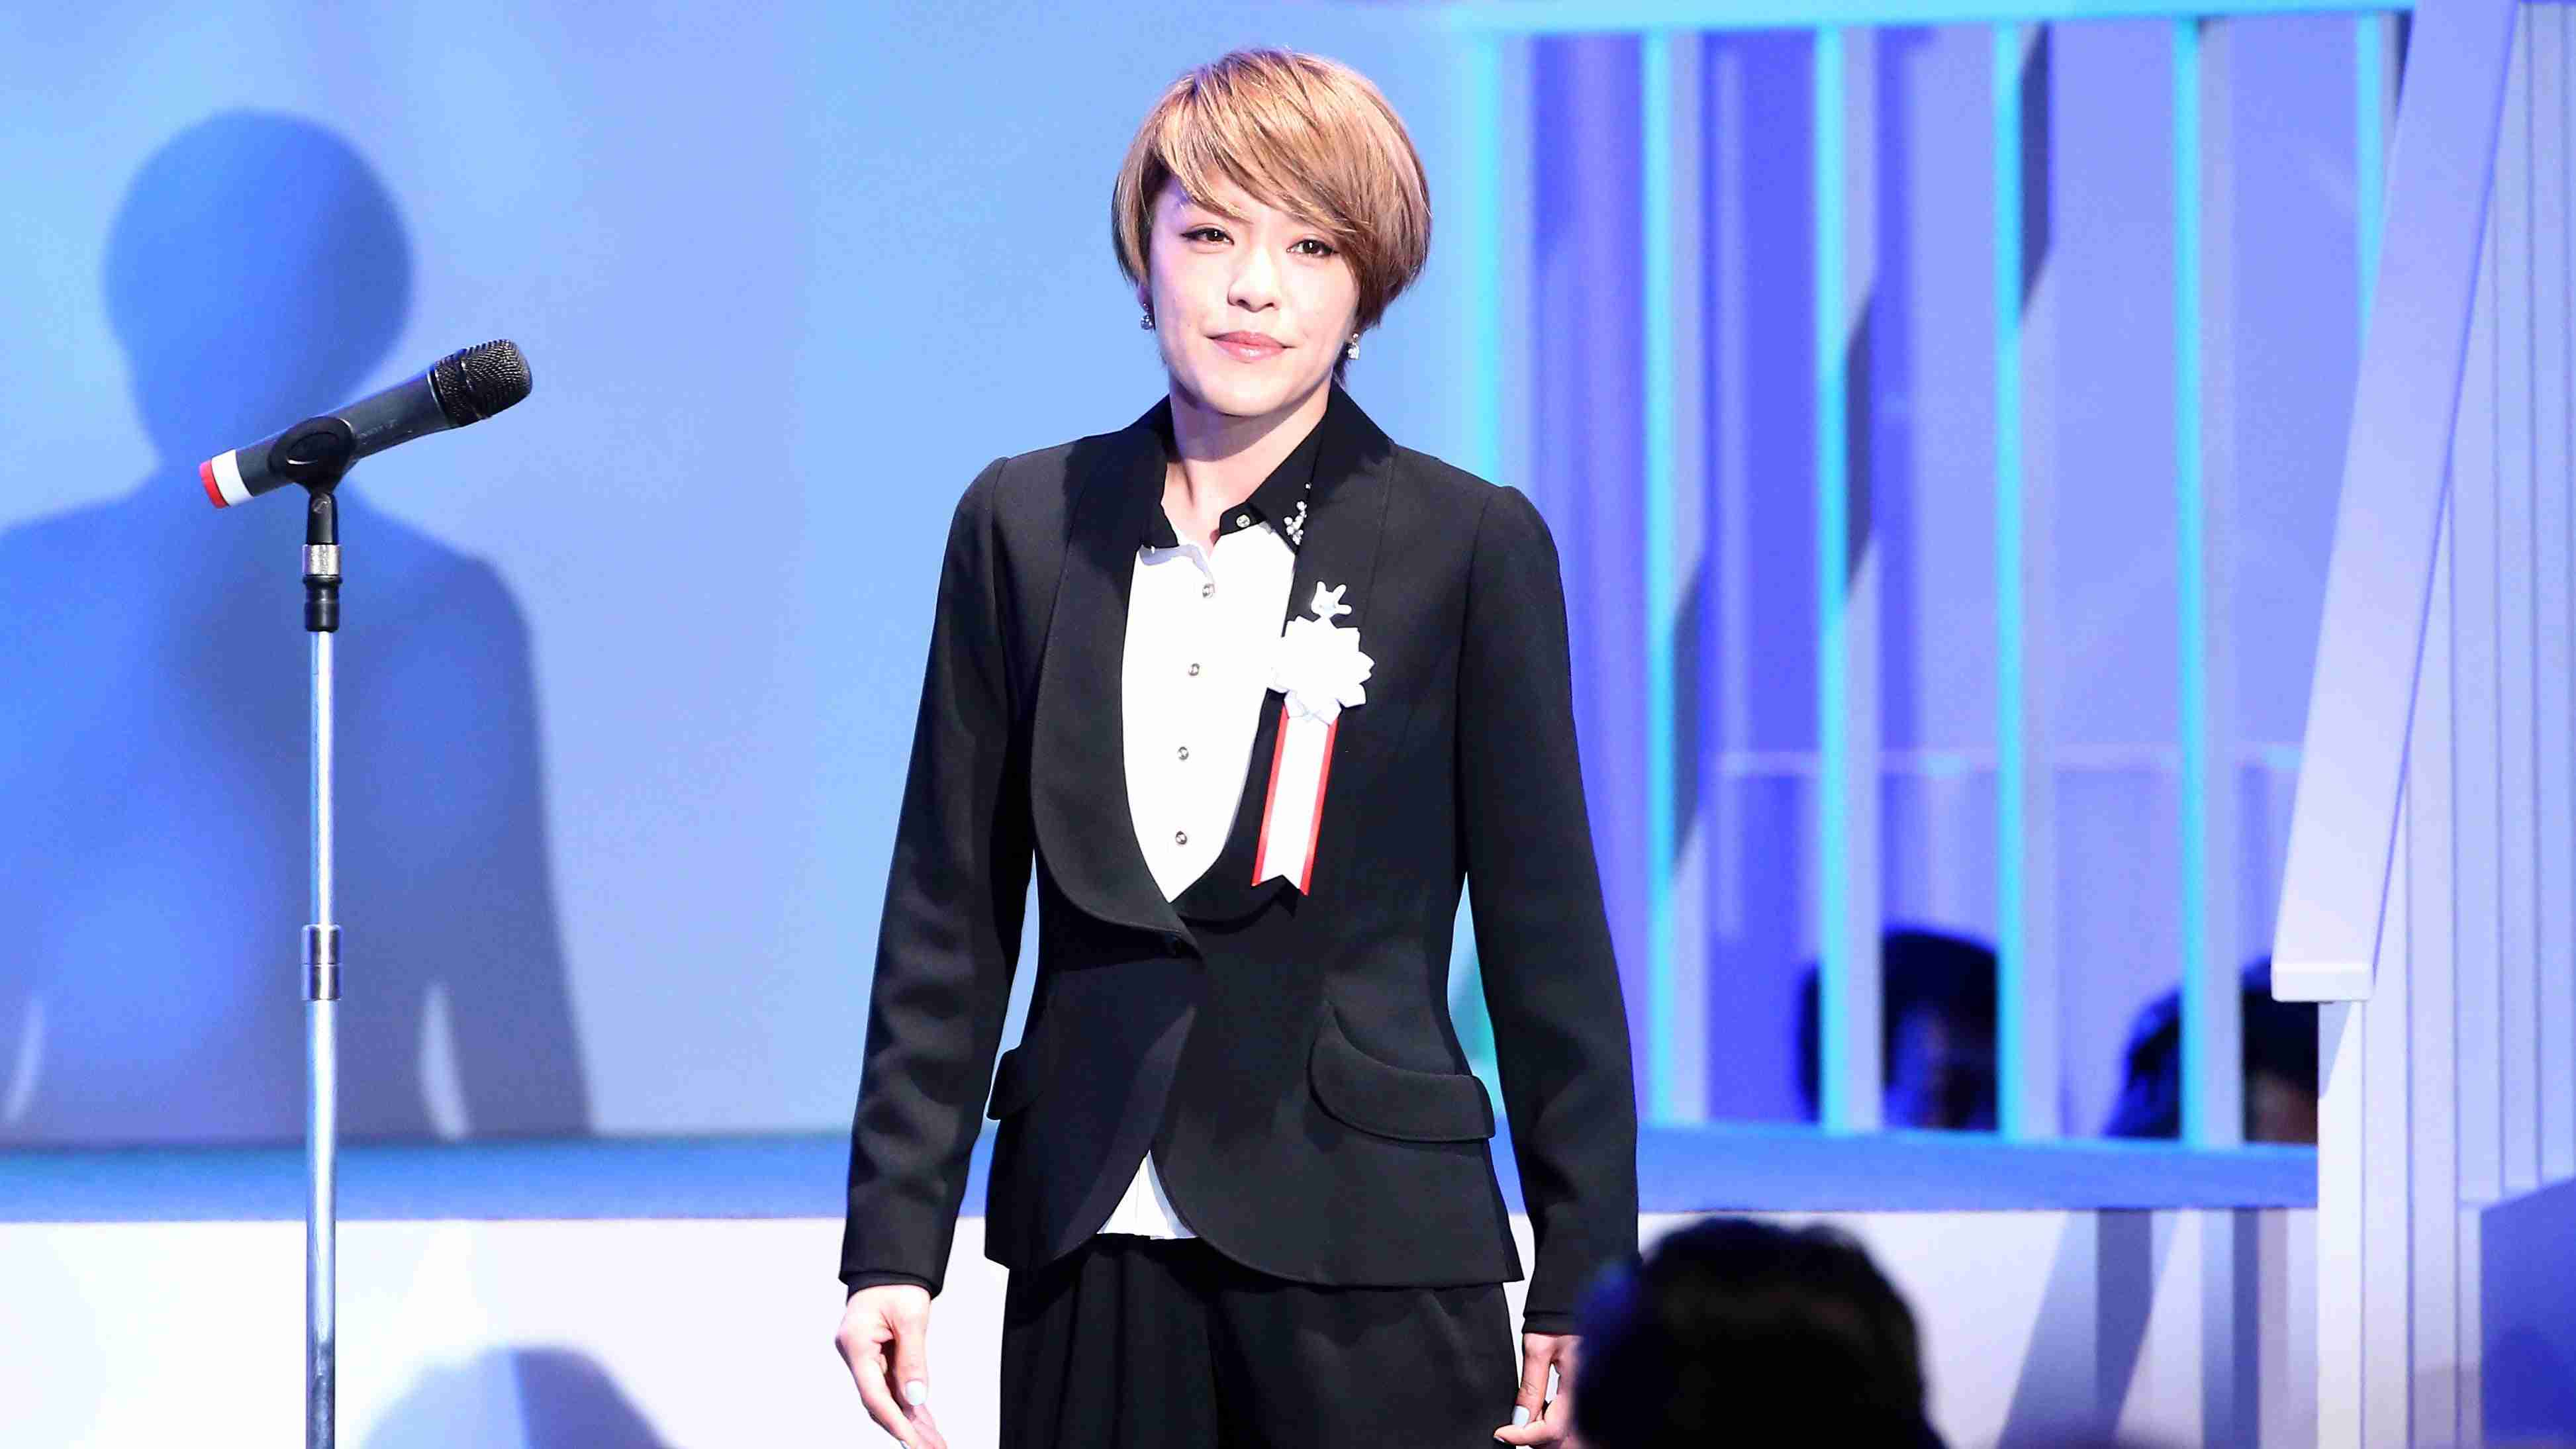 自民党大会 国歌斉唱する歌手の今井絵理子さん - YouTube